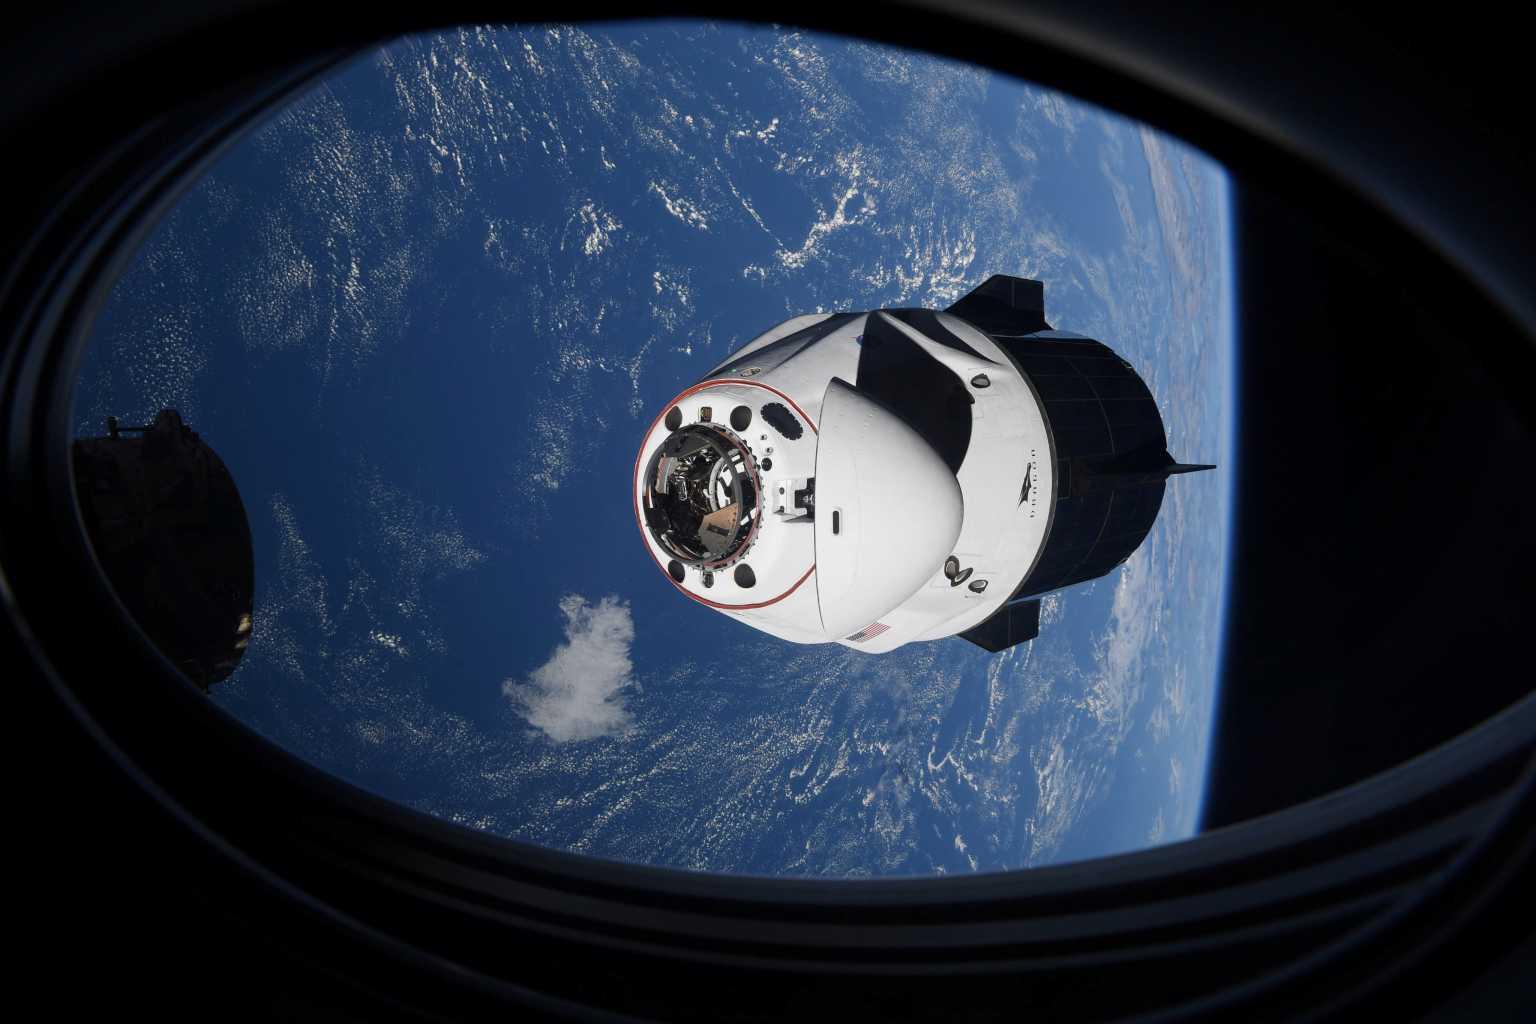 Επέστρεψε στη Γη η κάψουλα της SpaceX με τους 4 αστροναύτες από το Διεθνή Διαστημικό Σταθμό